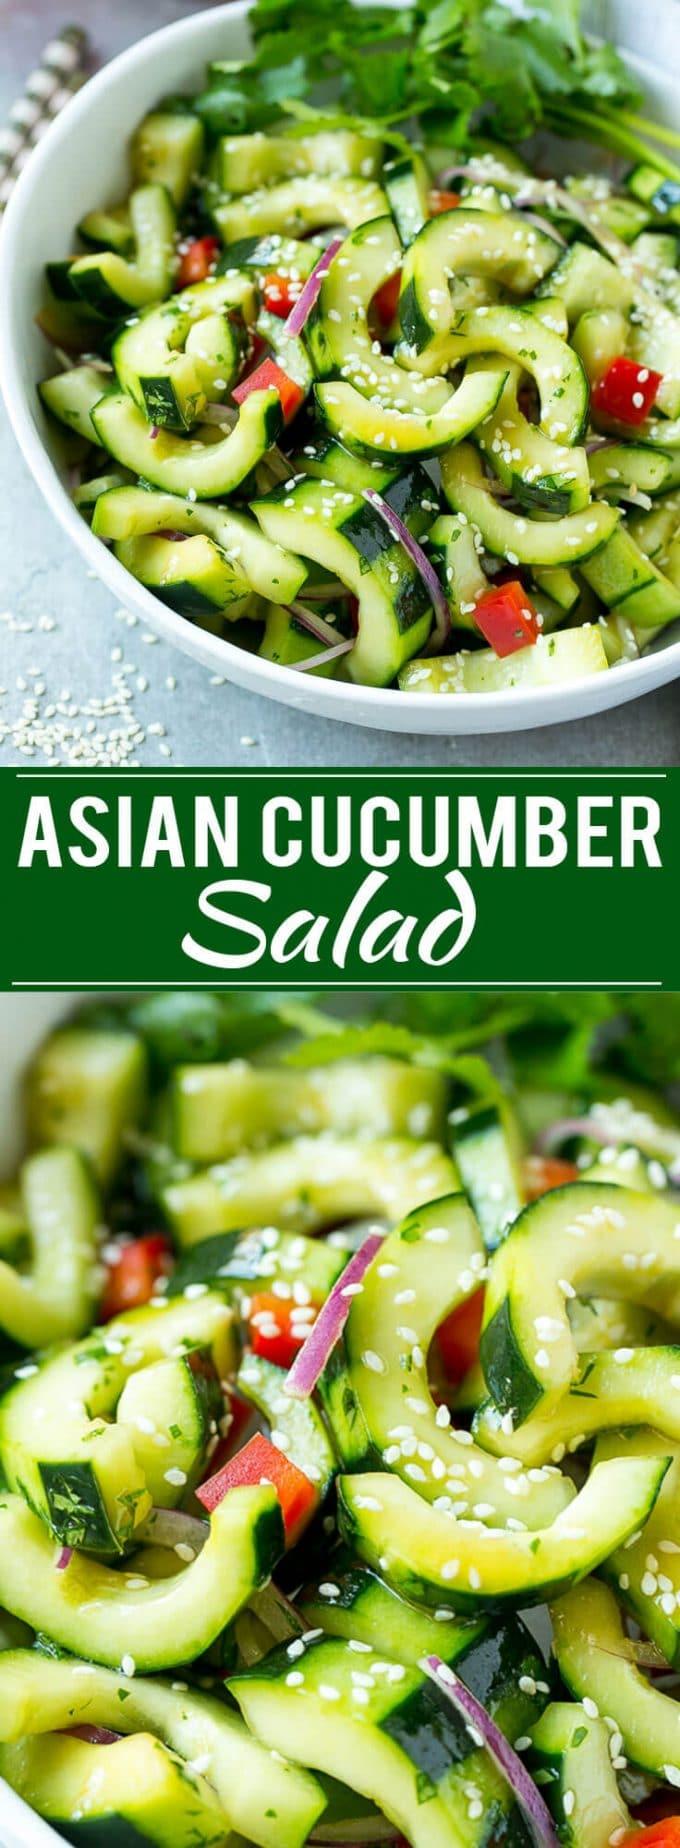 Asian Cucumber Salad Recipe | Sesame Cucumber Salad | Cucumber Salad | Healthy Salad | Healthy Cucumber Recipe